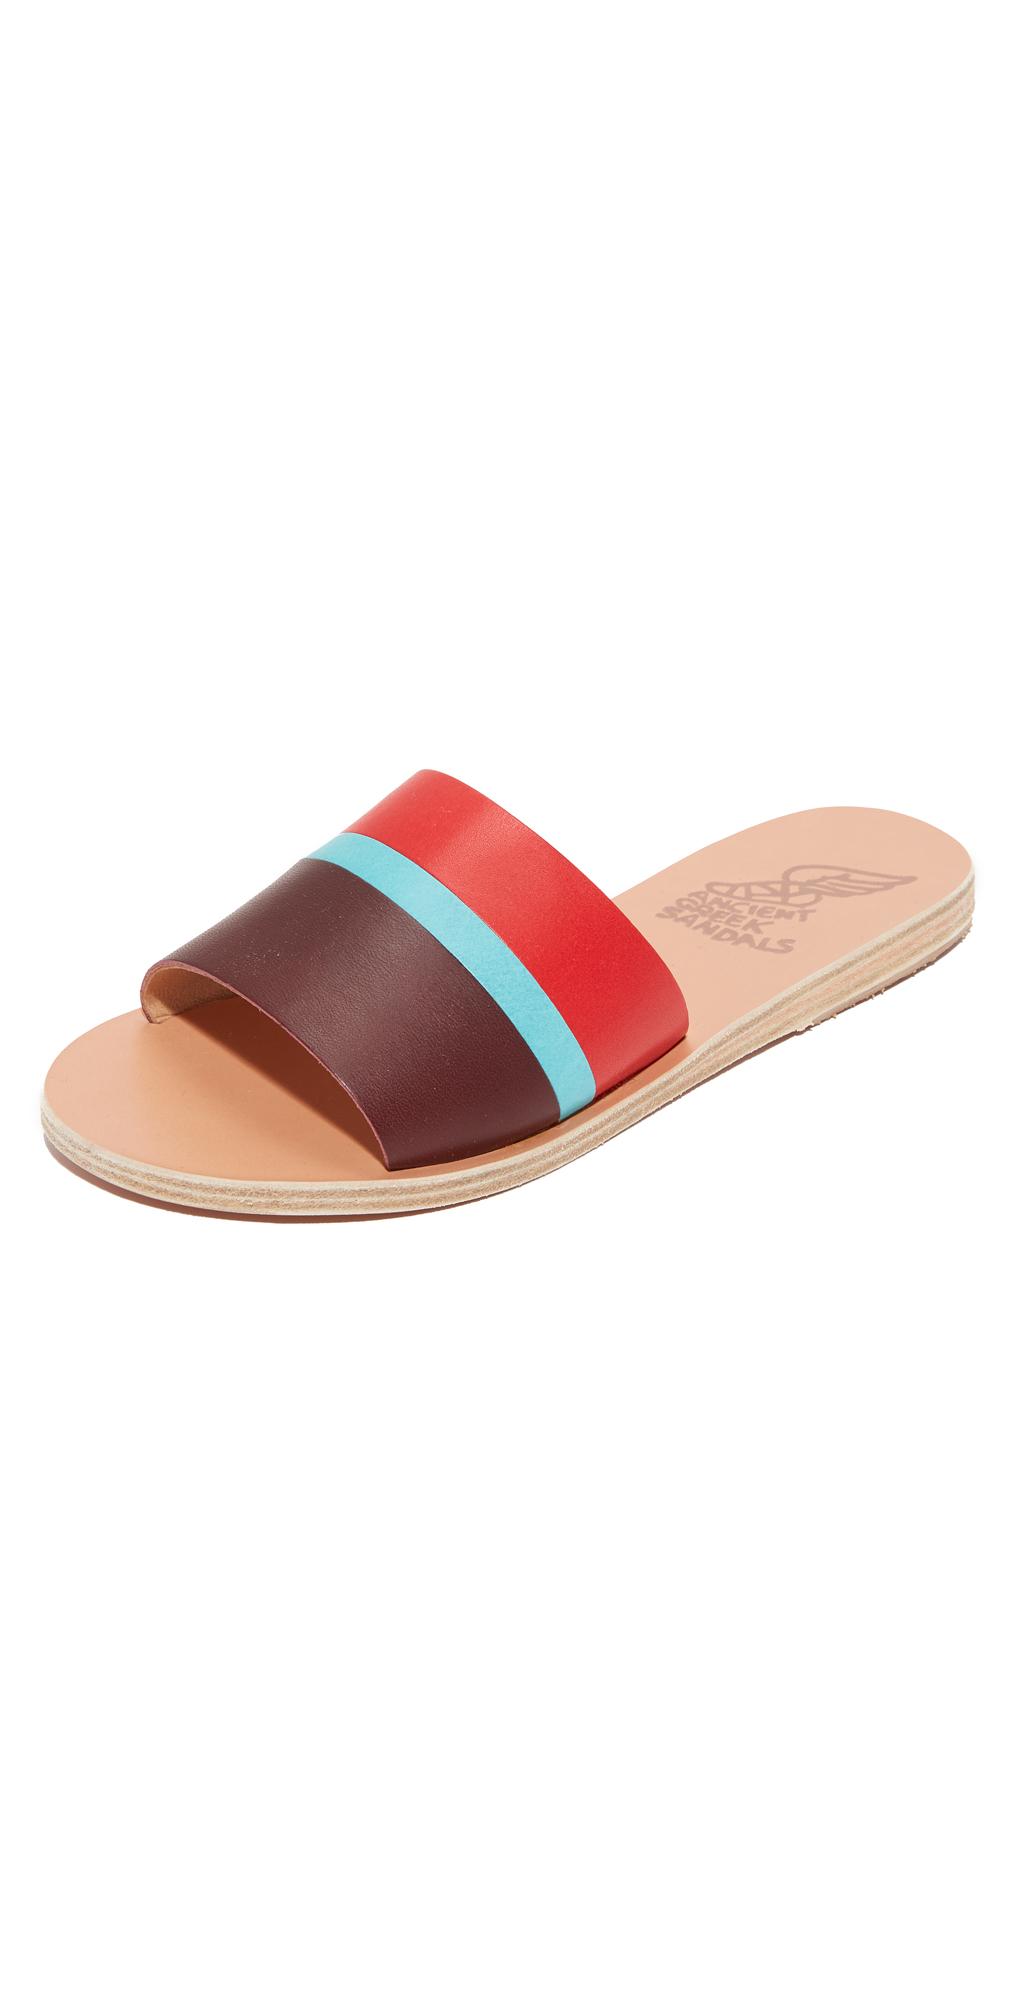 Taygete Slides Ancient Greek Sandals